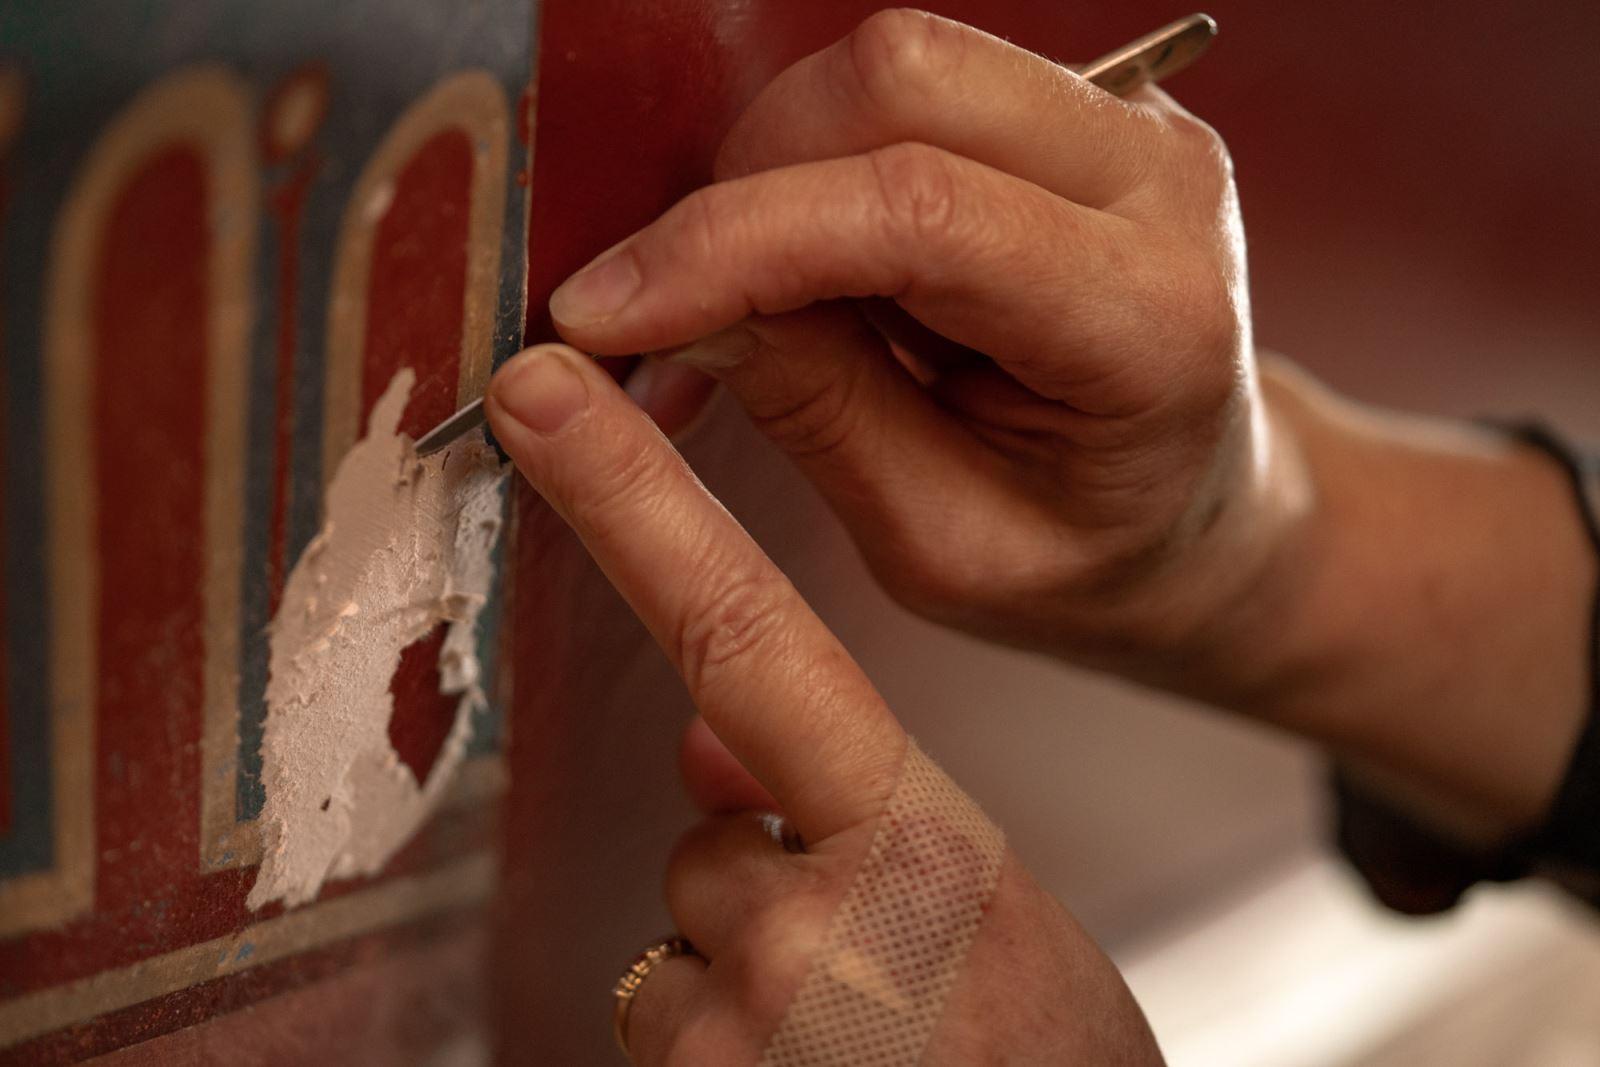 Paint scraping at Holmwood